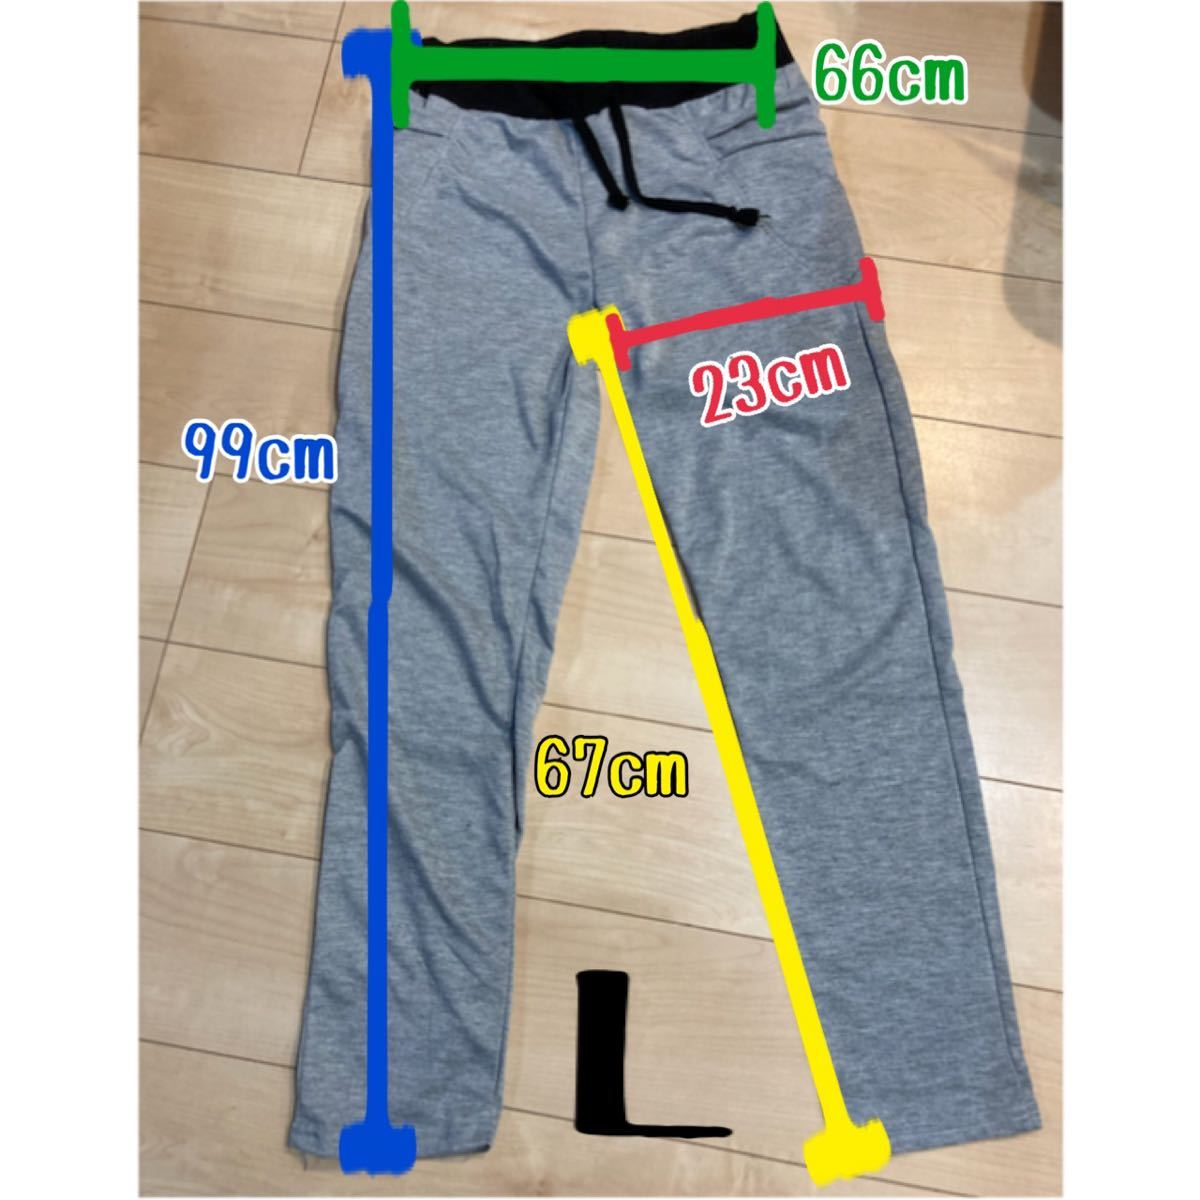 ジョガーパンツ L  男女兼用  トレーニングパンツ スウェットパンツ